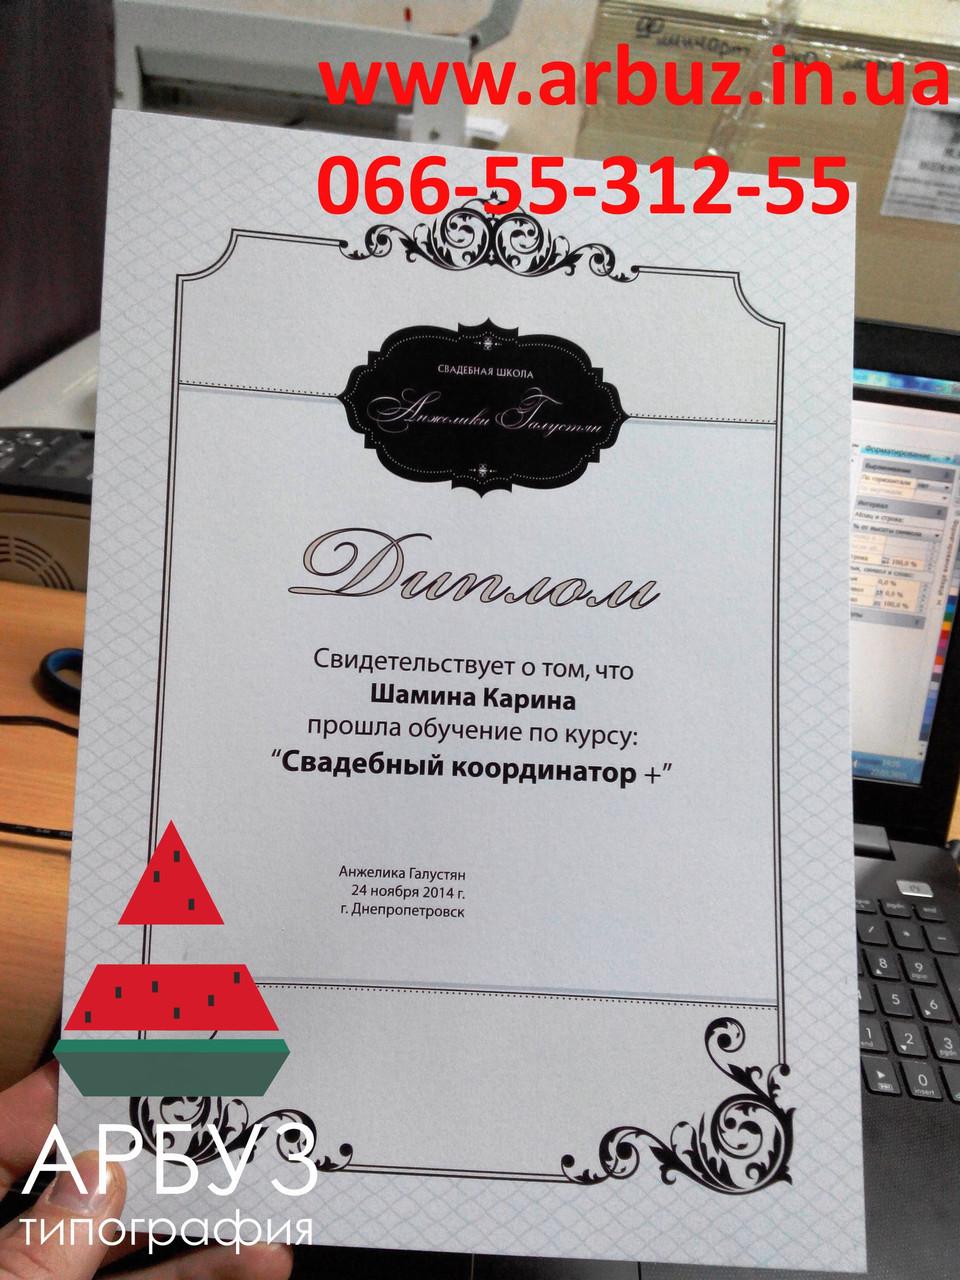 Печать подарочных сертификатов наград и дипломов продажа цена в  Печать подарочных сертификатов наград и дипломов